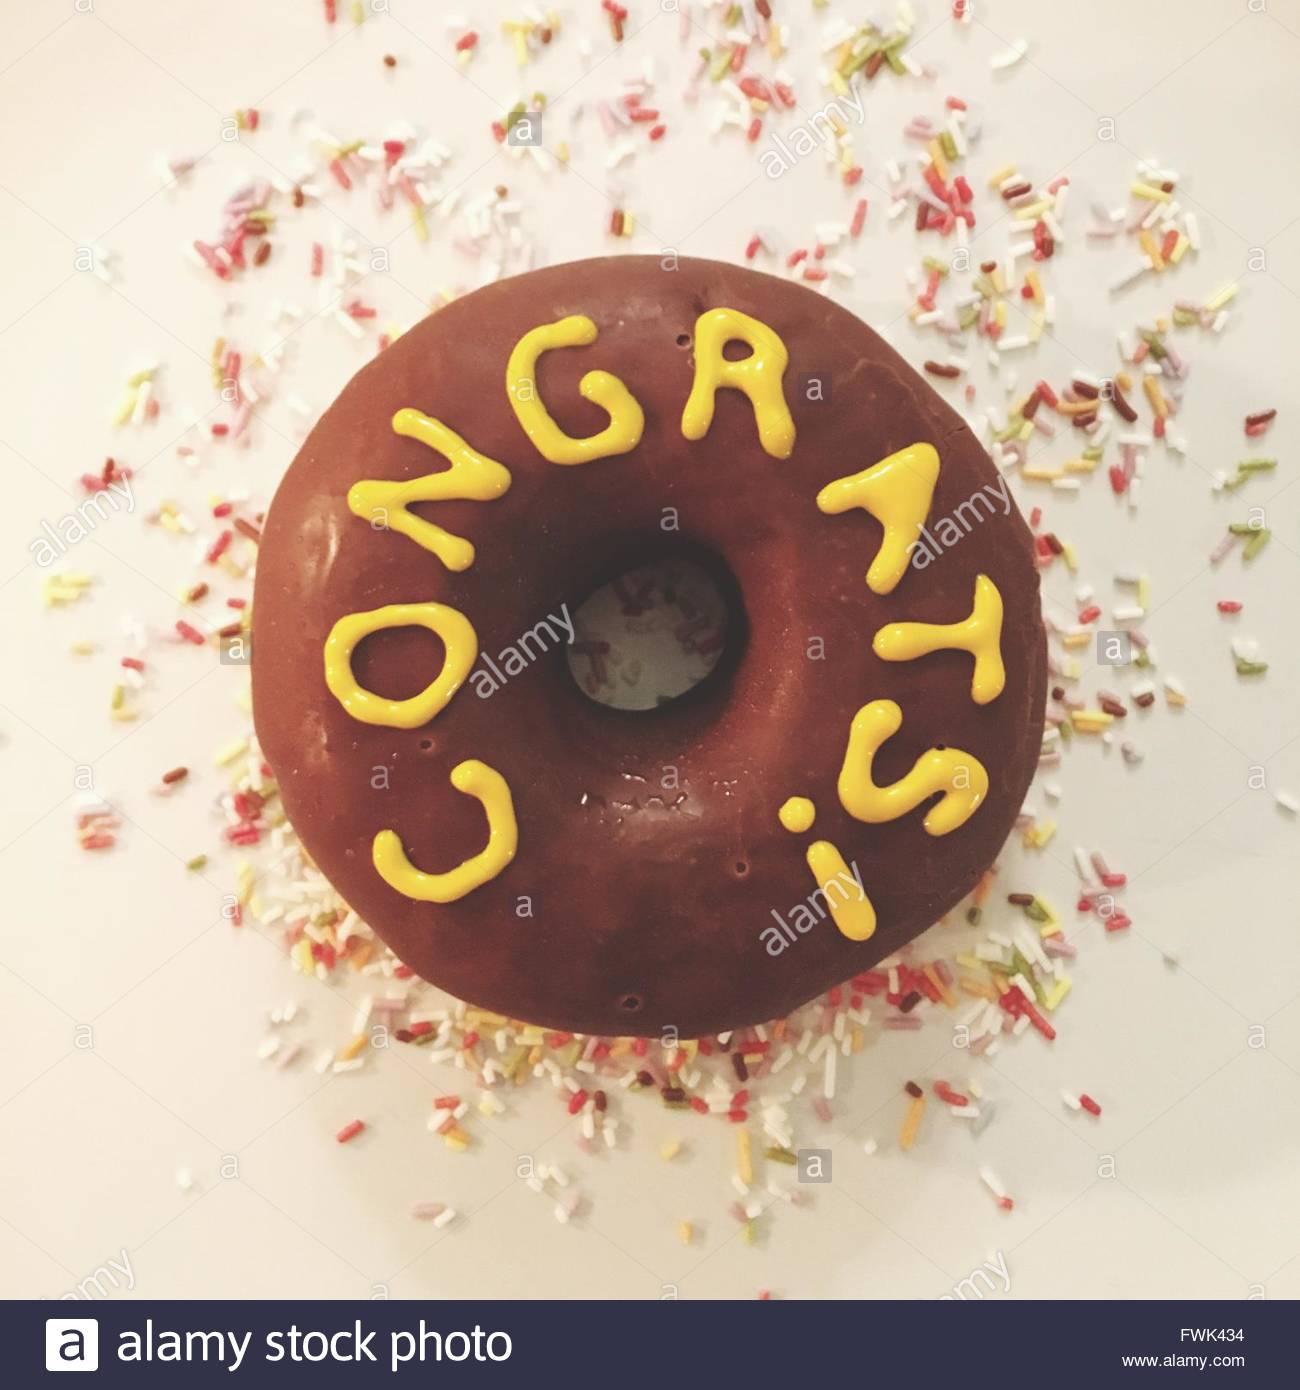 Primer plano del texto de donut en la placa Imagen De Stock